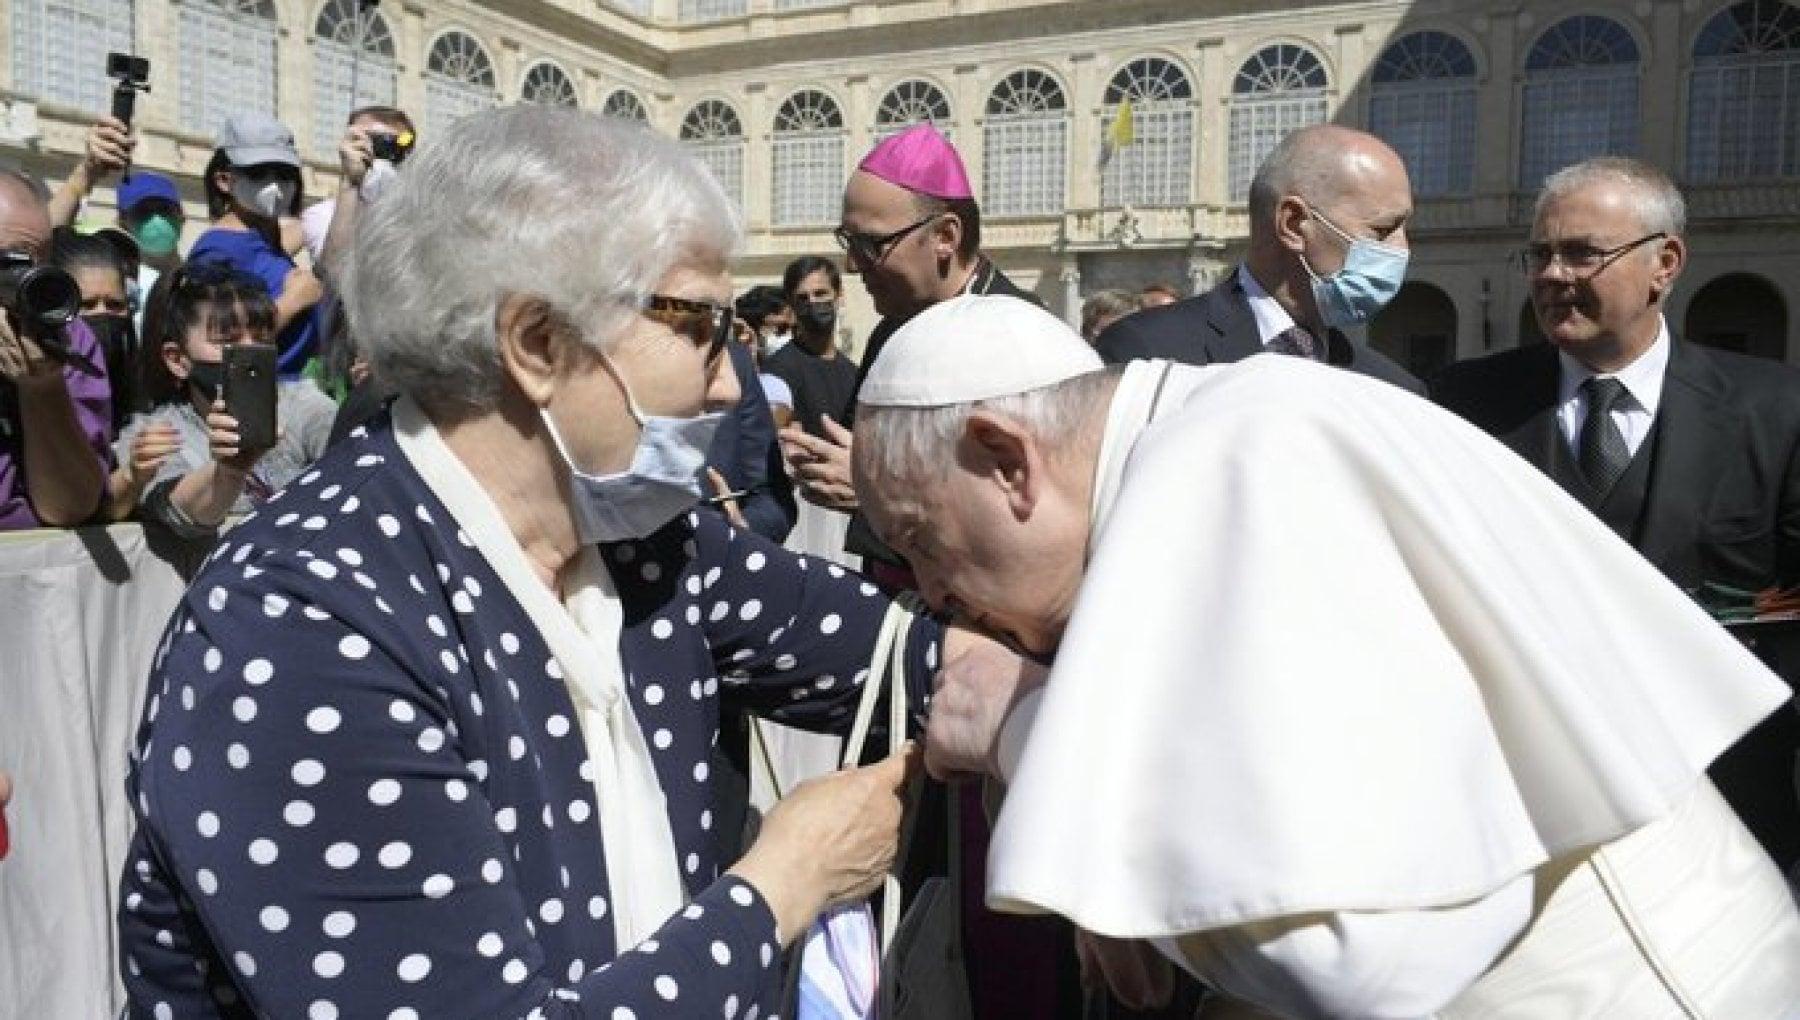 130200441 dc633d98 7acf 4377 9e93 ba2760351ae6 - Il Papa bacia il tatuaggio di una sopravvissuta ai lager nazisti che subì gli esperimenti medici del dottor Mengele